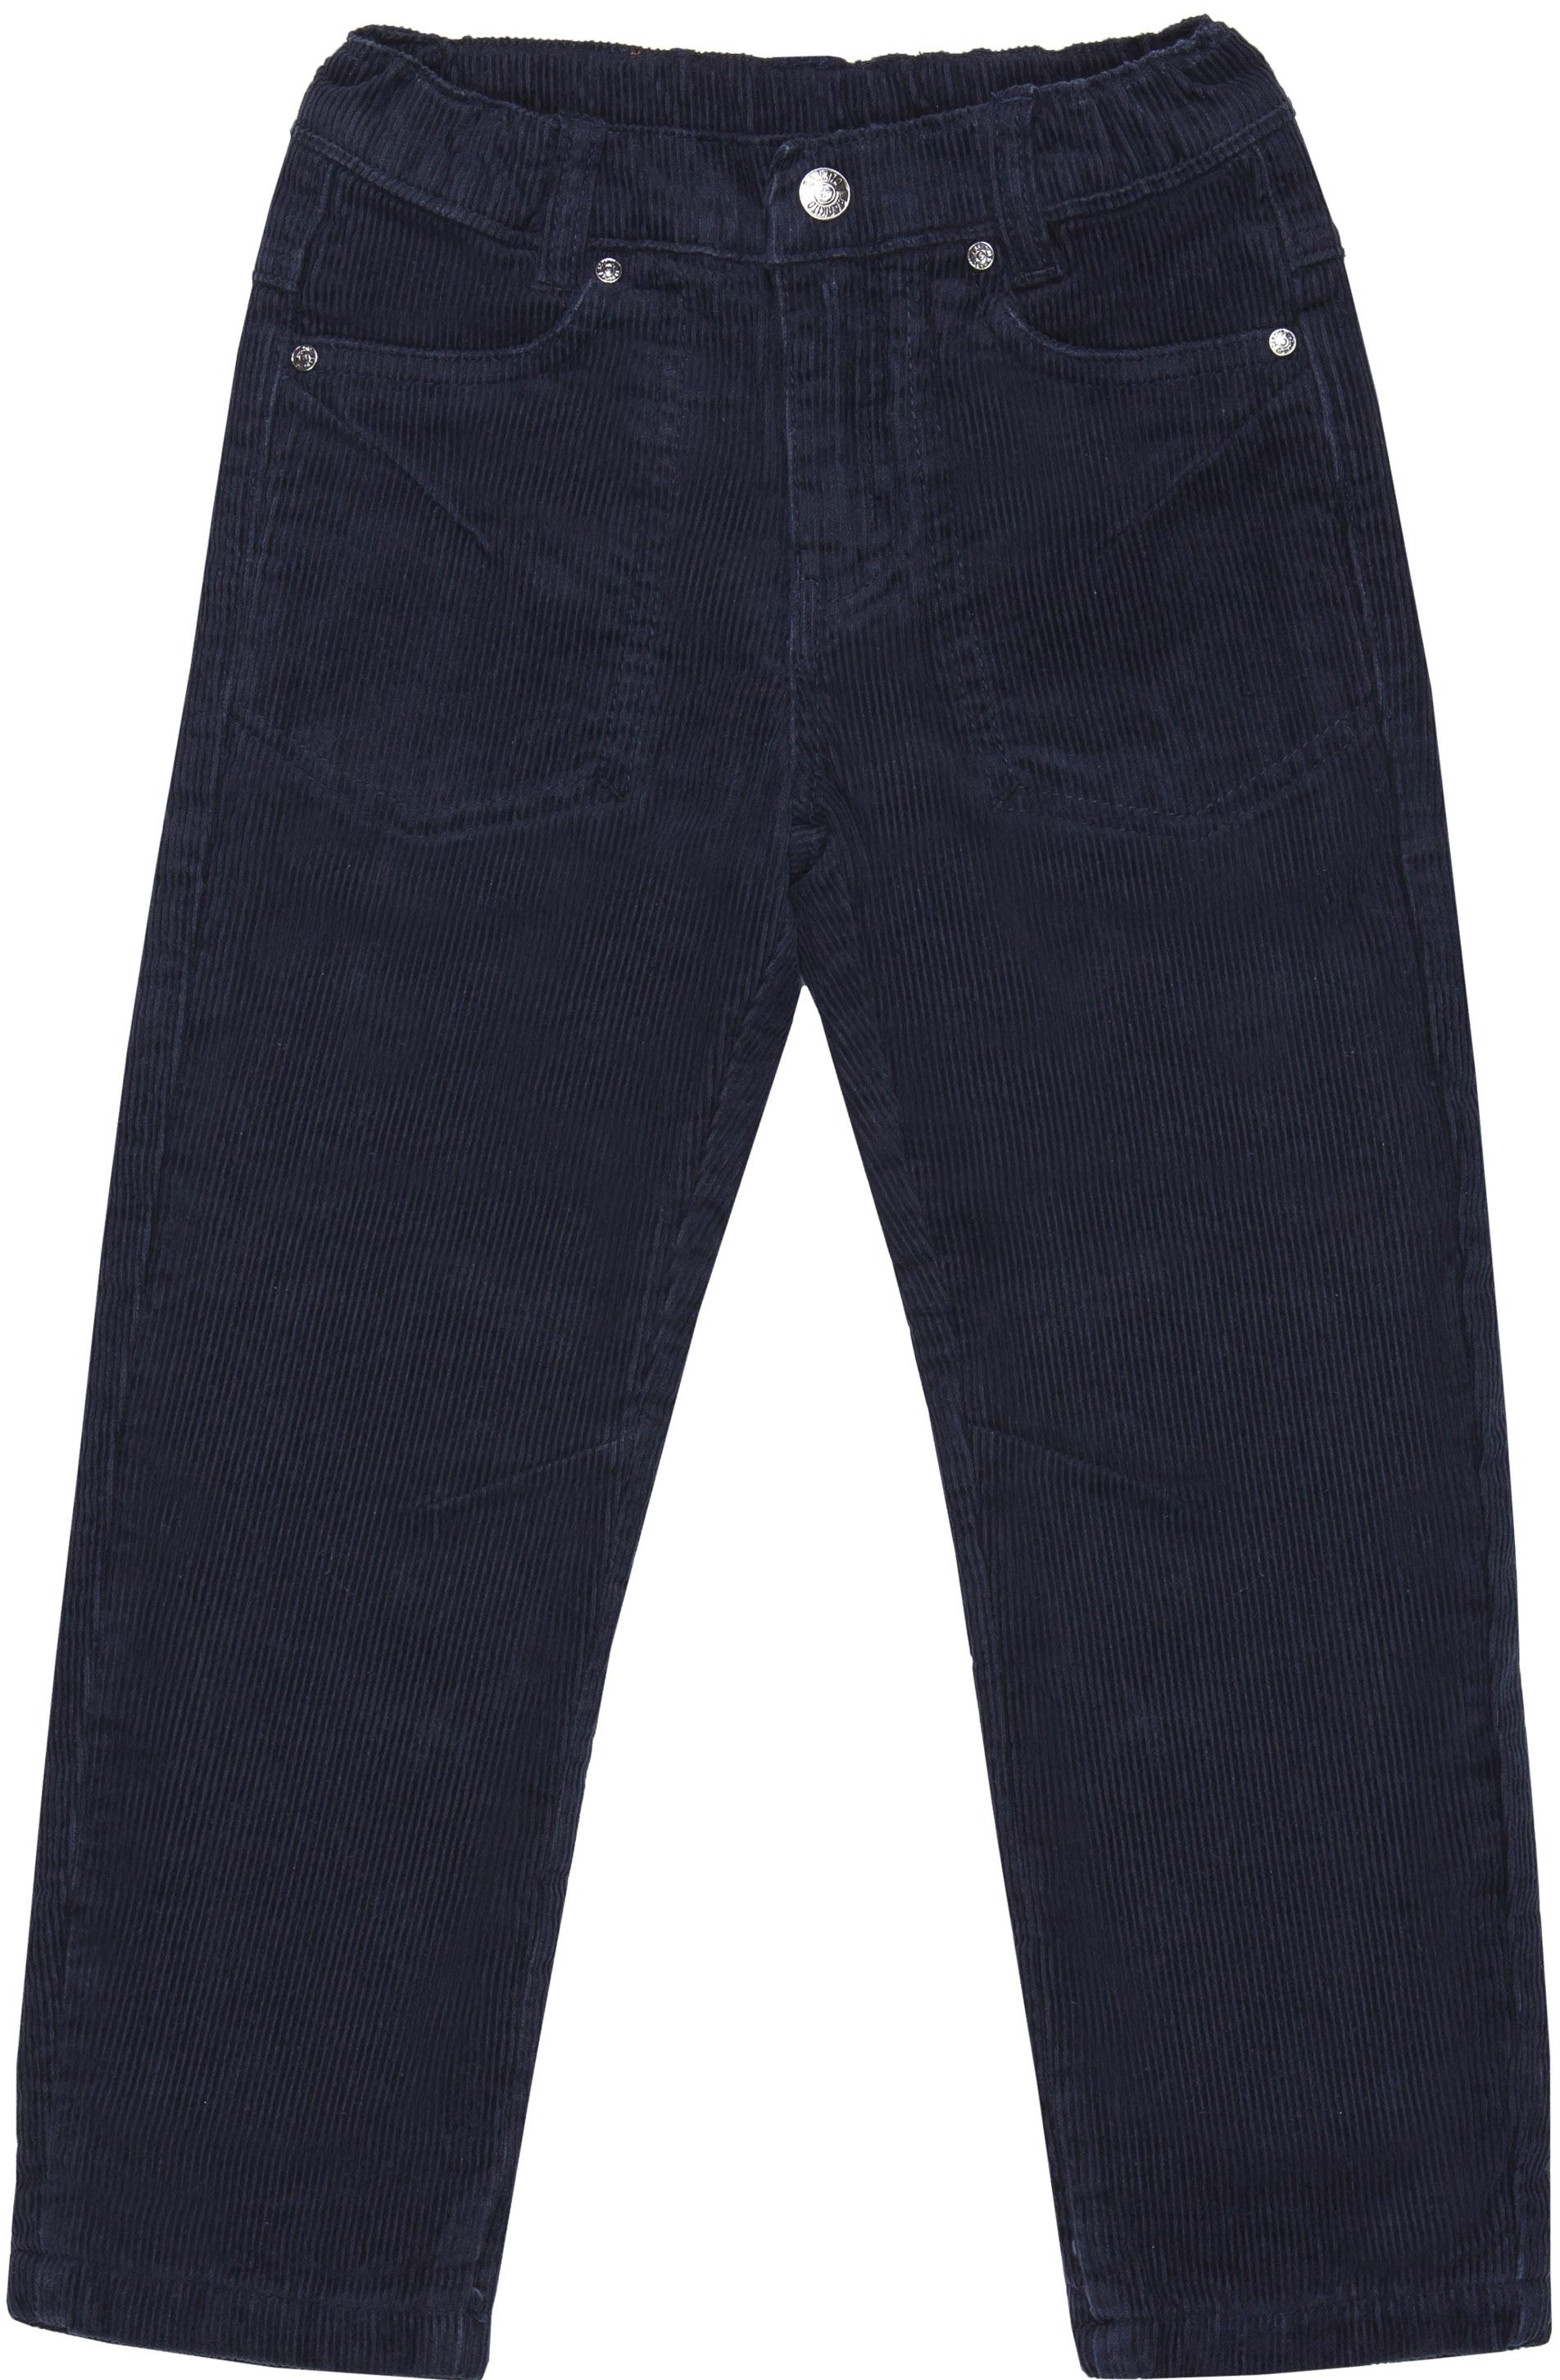 Брюки для мальчика Barkito W17B4002W(1) Корабль 2 синие addicted синие кашемировые брюки